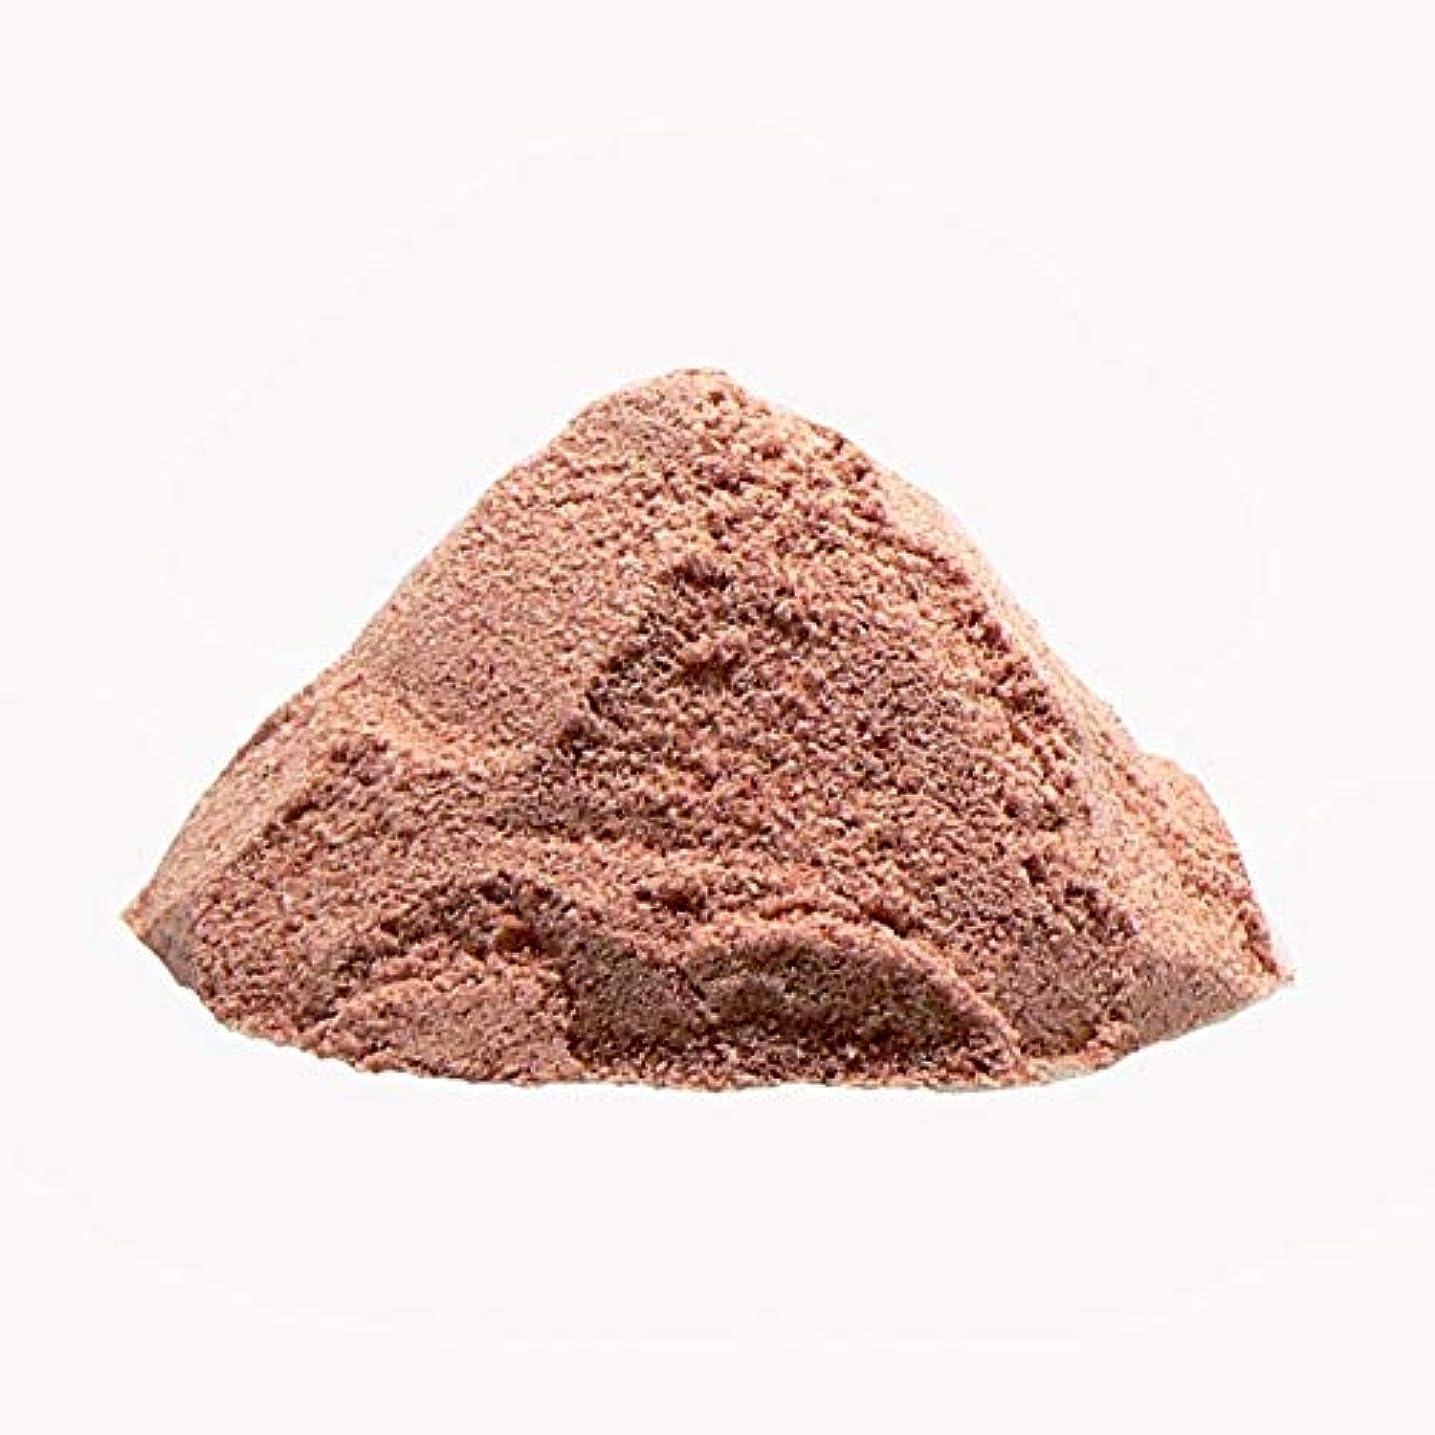 関与する免除する呼ぶヒマラヤ岩塩 プレミアム ルビーソルト バスソルト(パウダー)ネパール産 ルビー岩塩 (600g×2個セット)